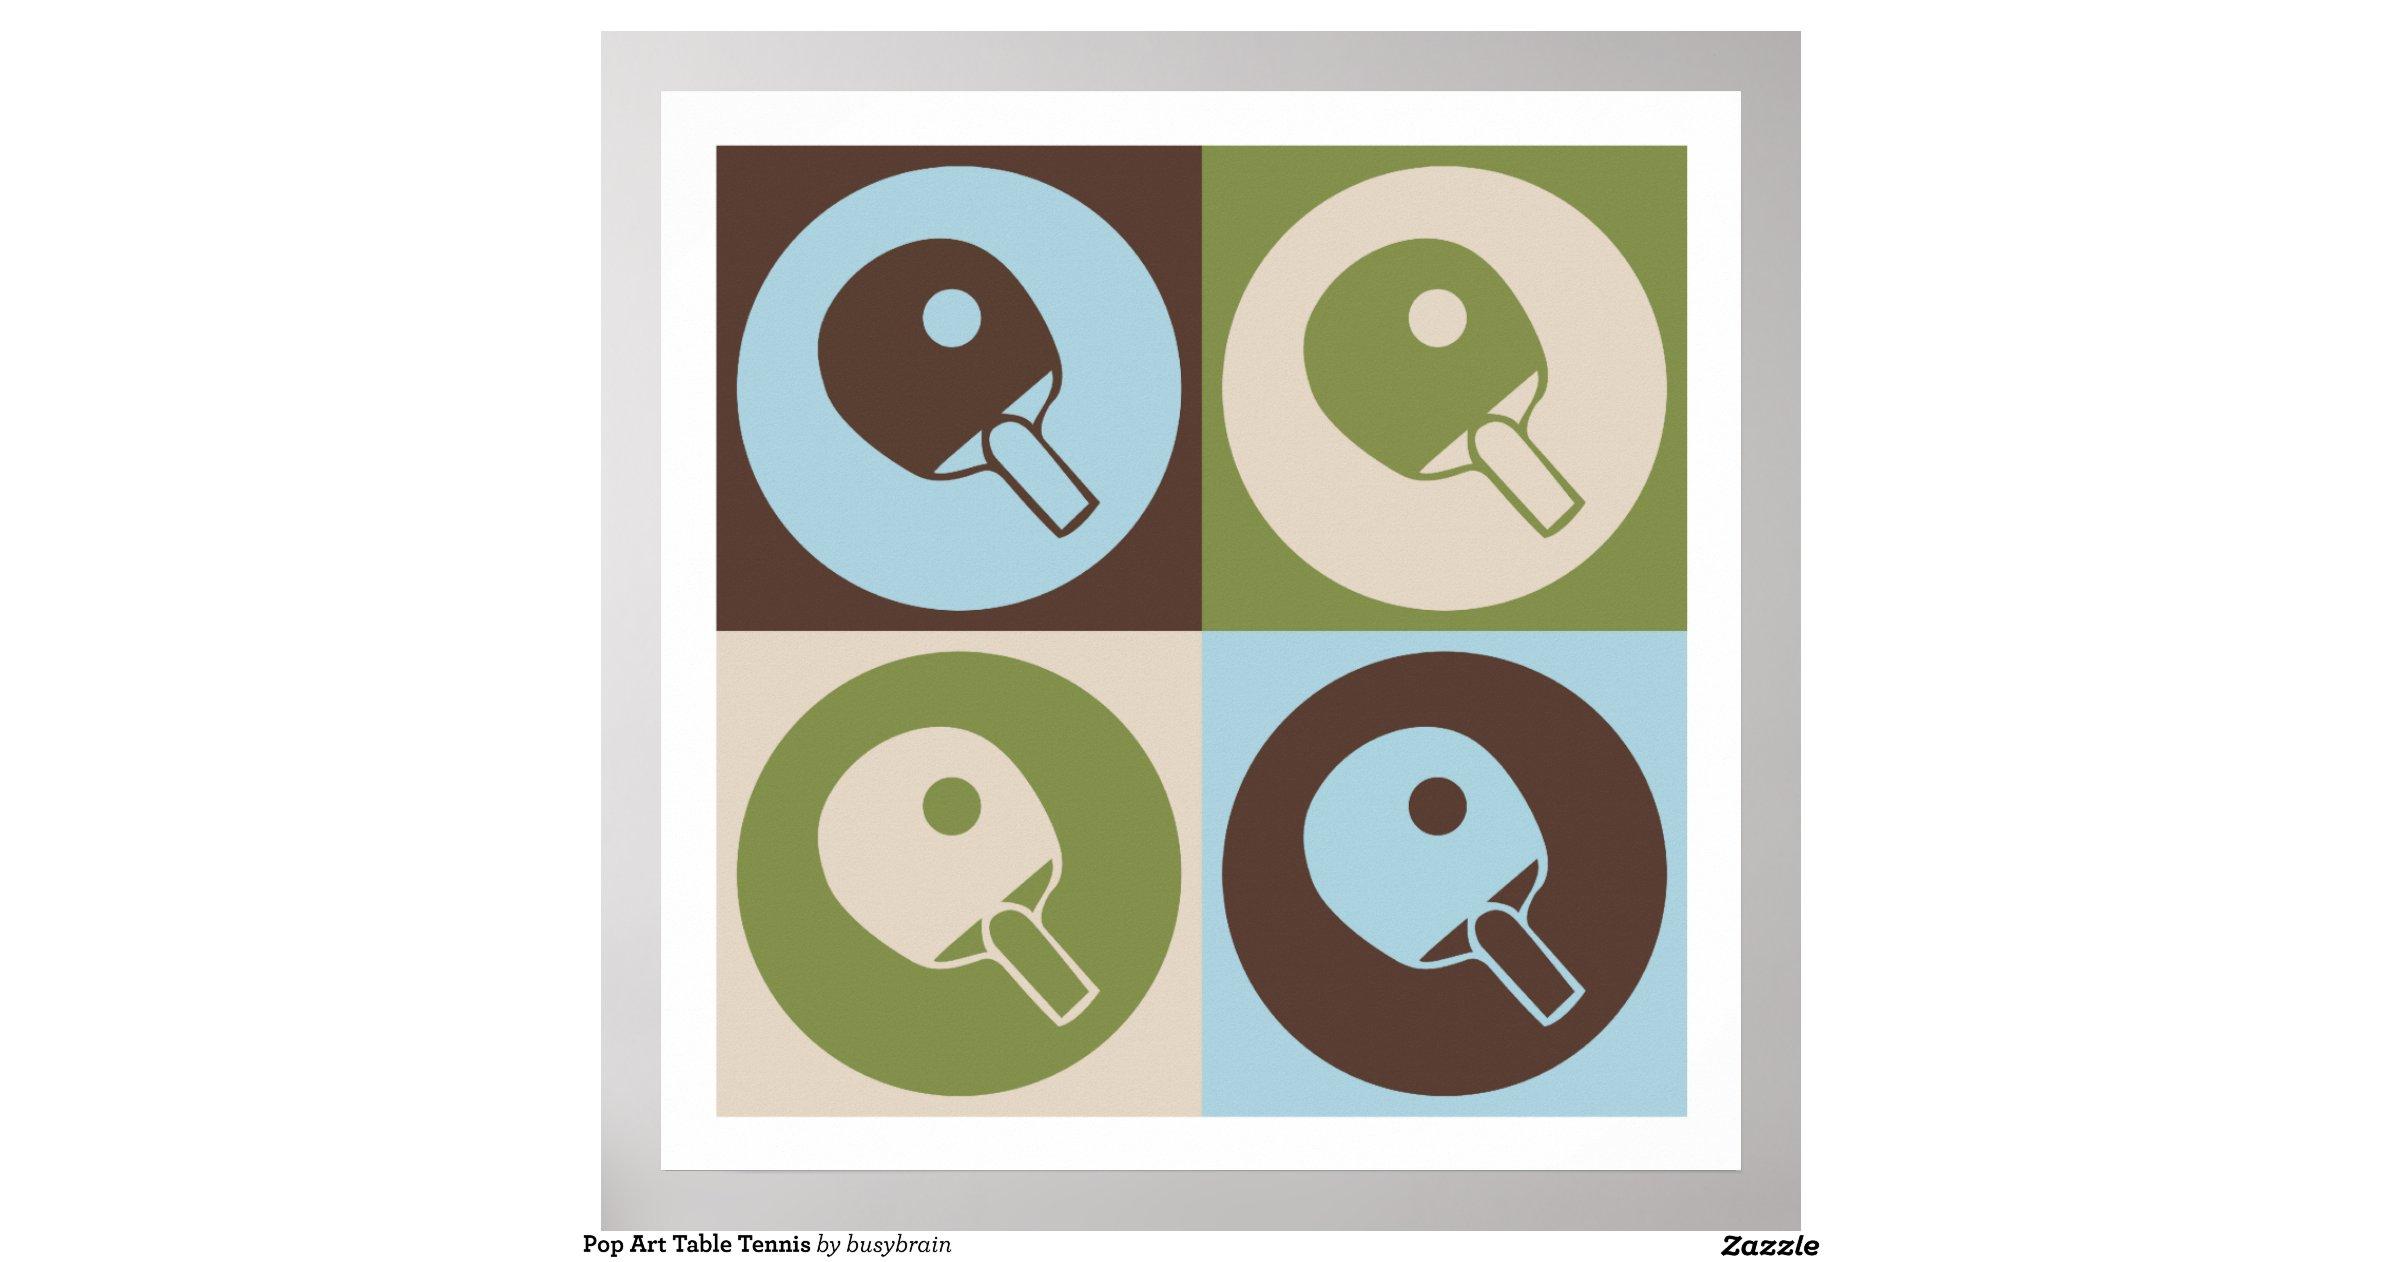 pop_art_table_tennis_poster-r2e99005a4dbf4e5ca9b90843986e8c2b_w2q_8byvr_1200.jpg?view_padding=%5B0.452380952380952,0,0 Luxe De Gravier Aquarium Des Idées